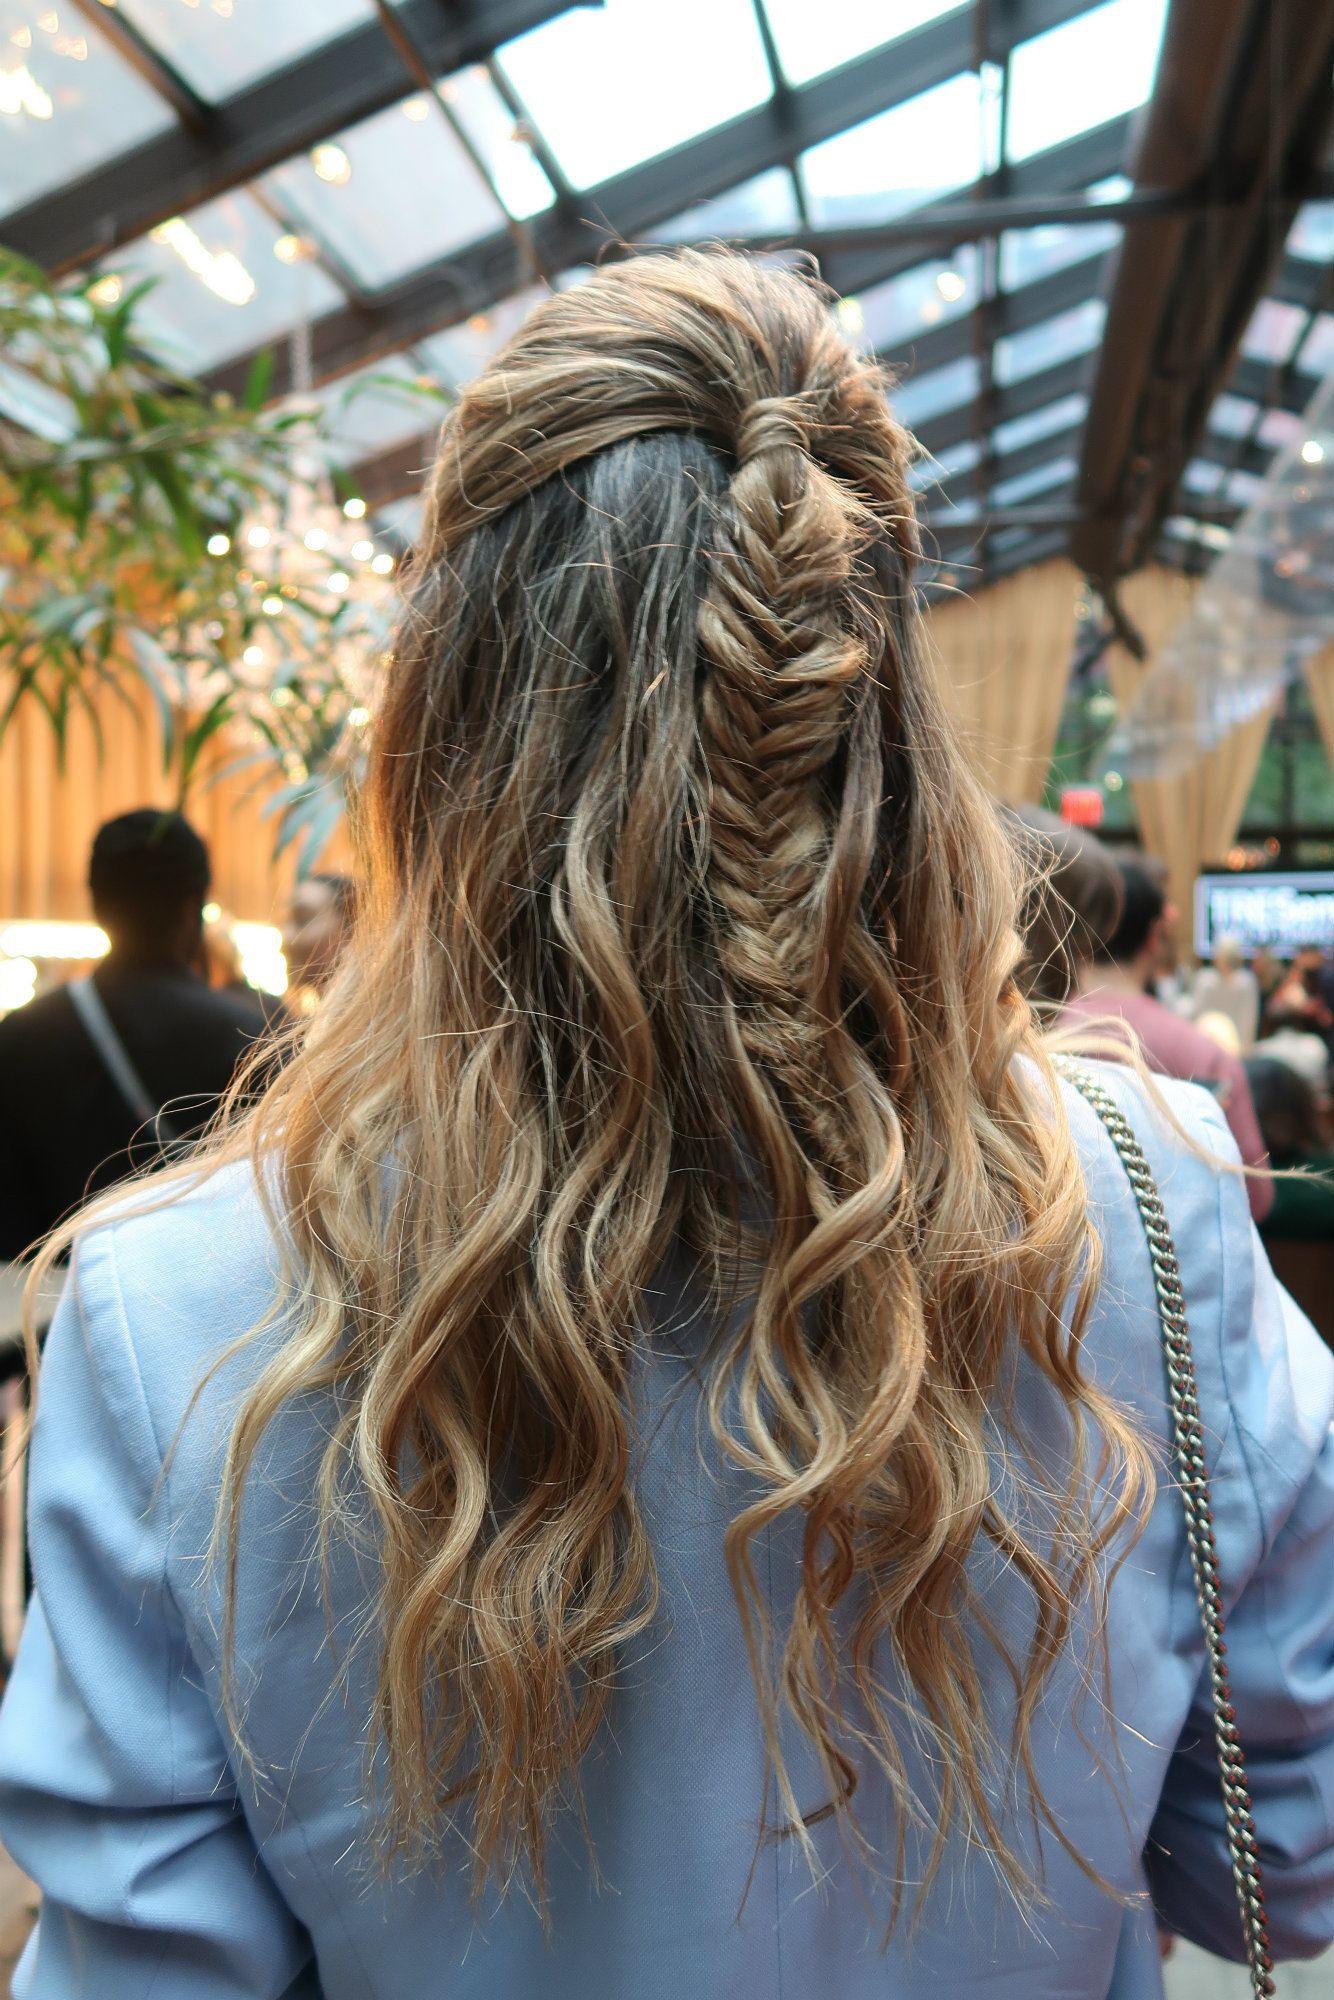 Vista de atrás de cabello castaño por los omoplatos, lleva ondas y una trenza cosida en el medio